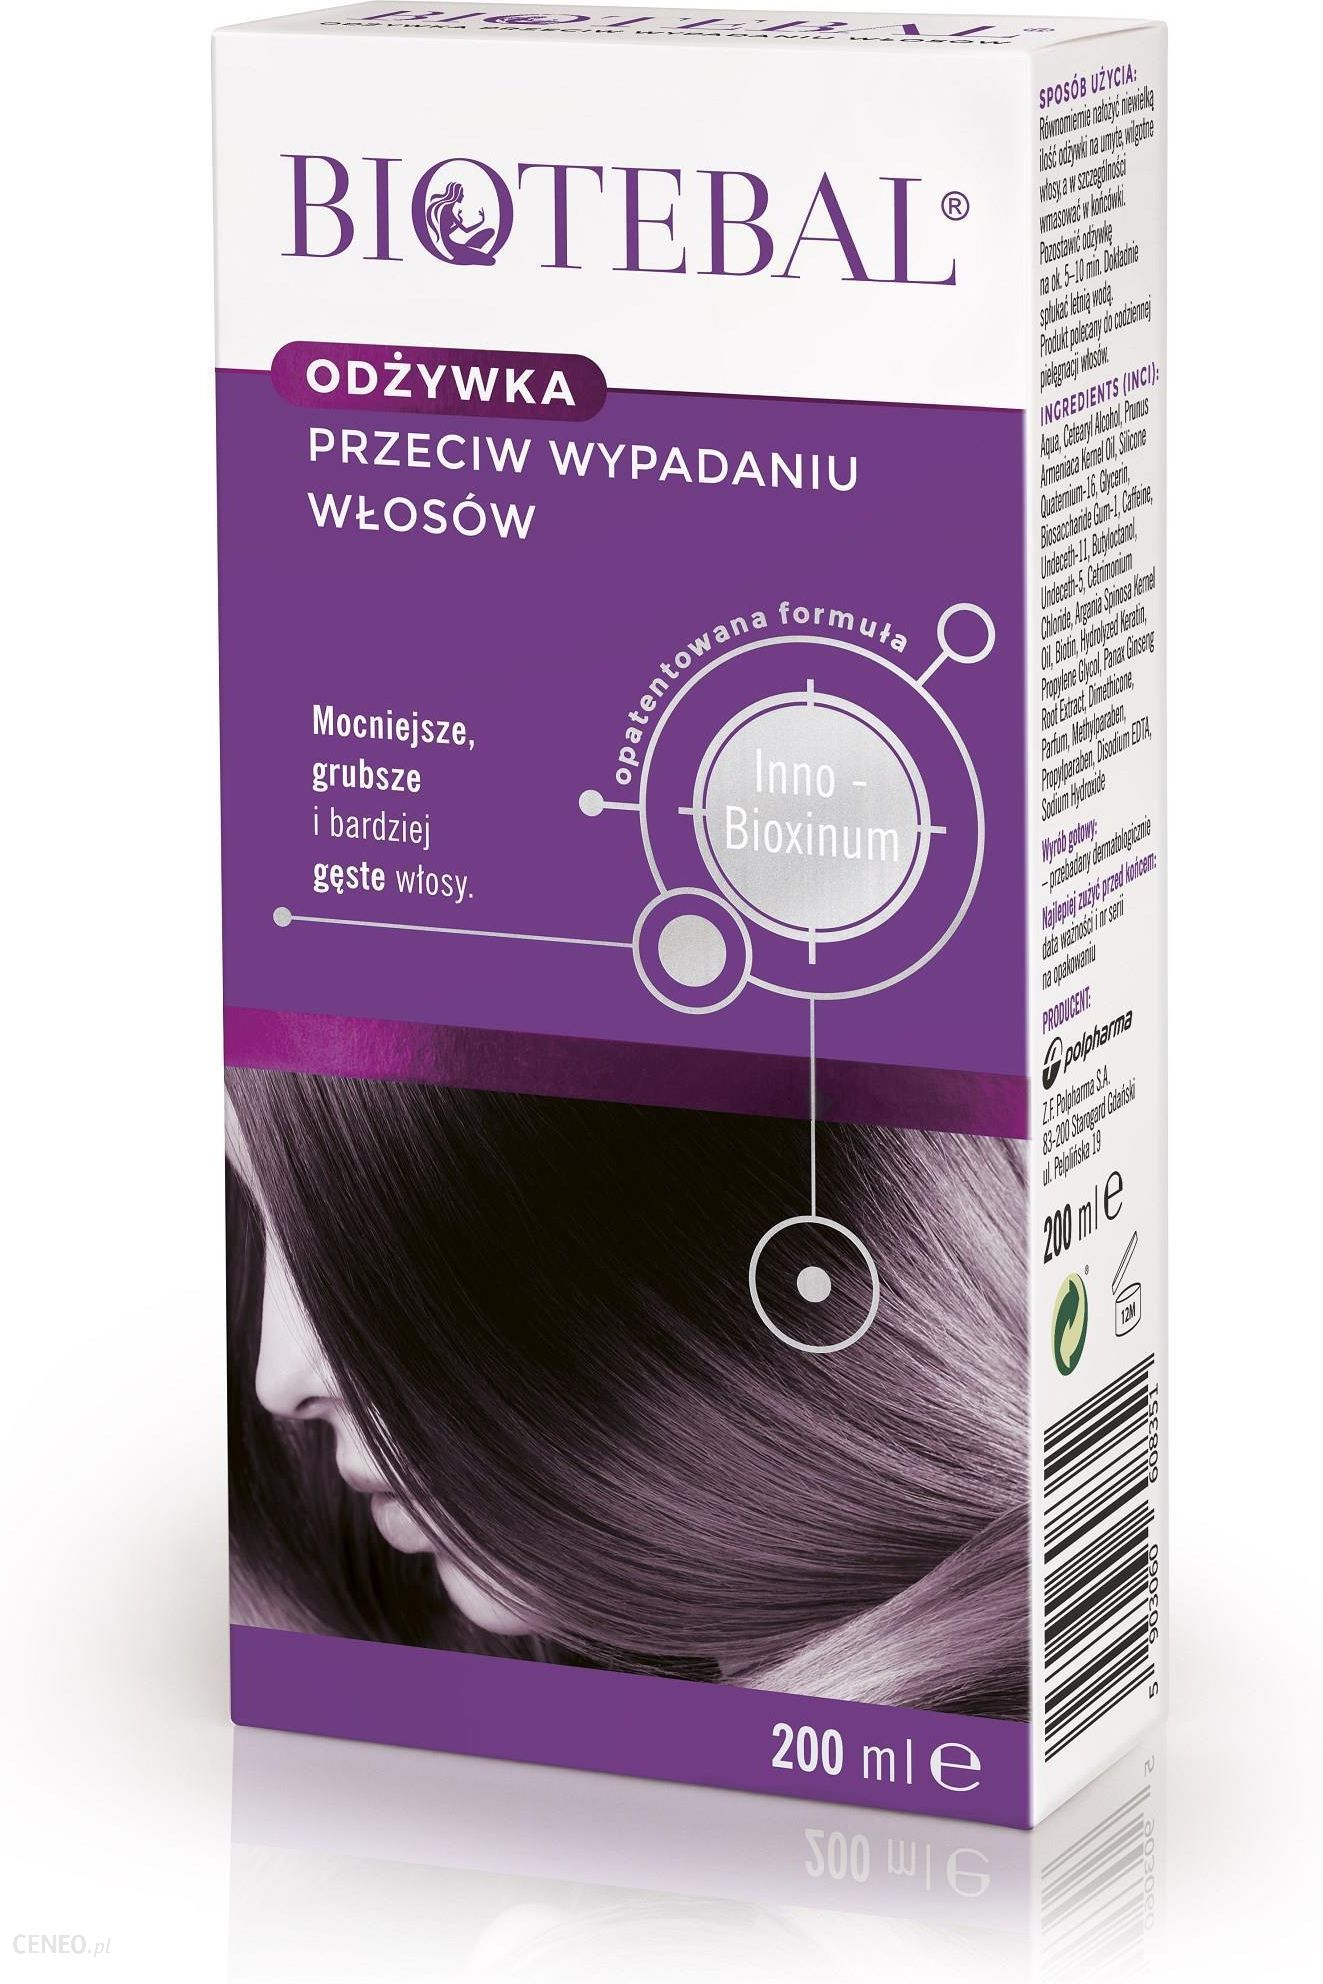 tabletki na wypadanie włosów biotebal opinie